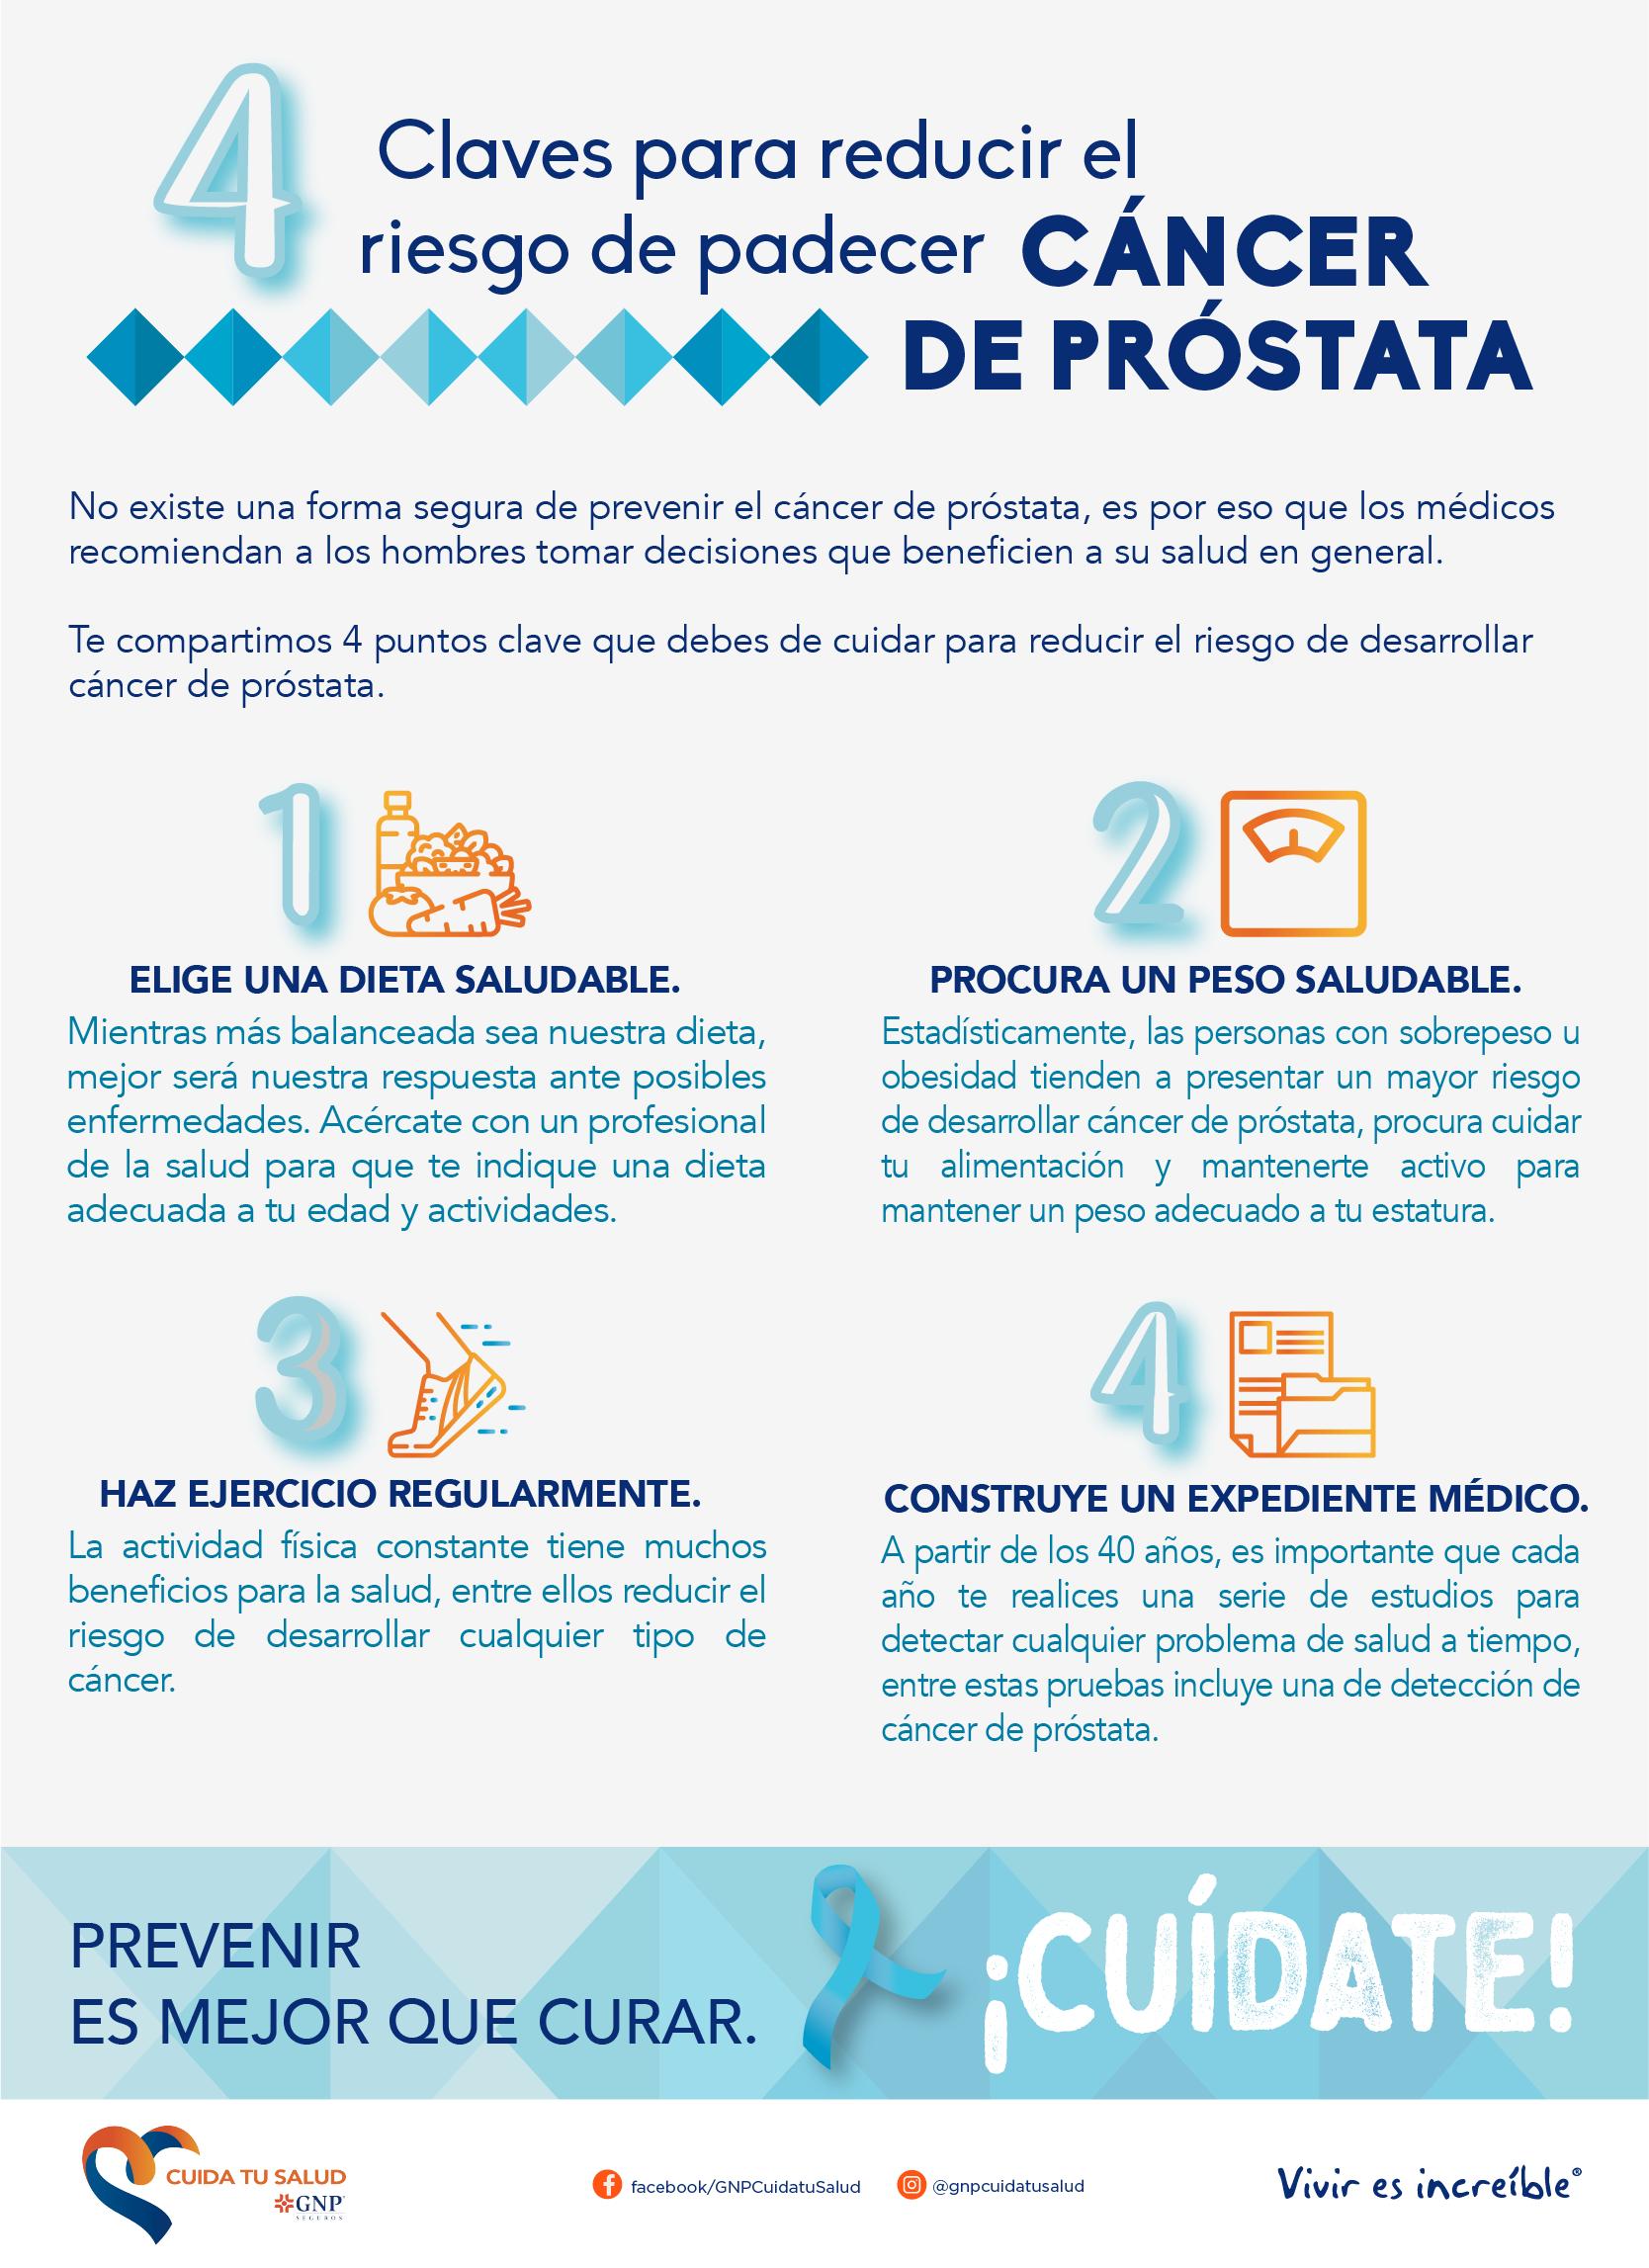 4 claves para reducir el riesgo de cáncer de próstata